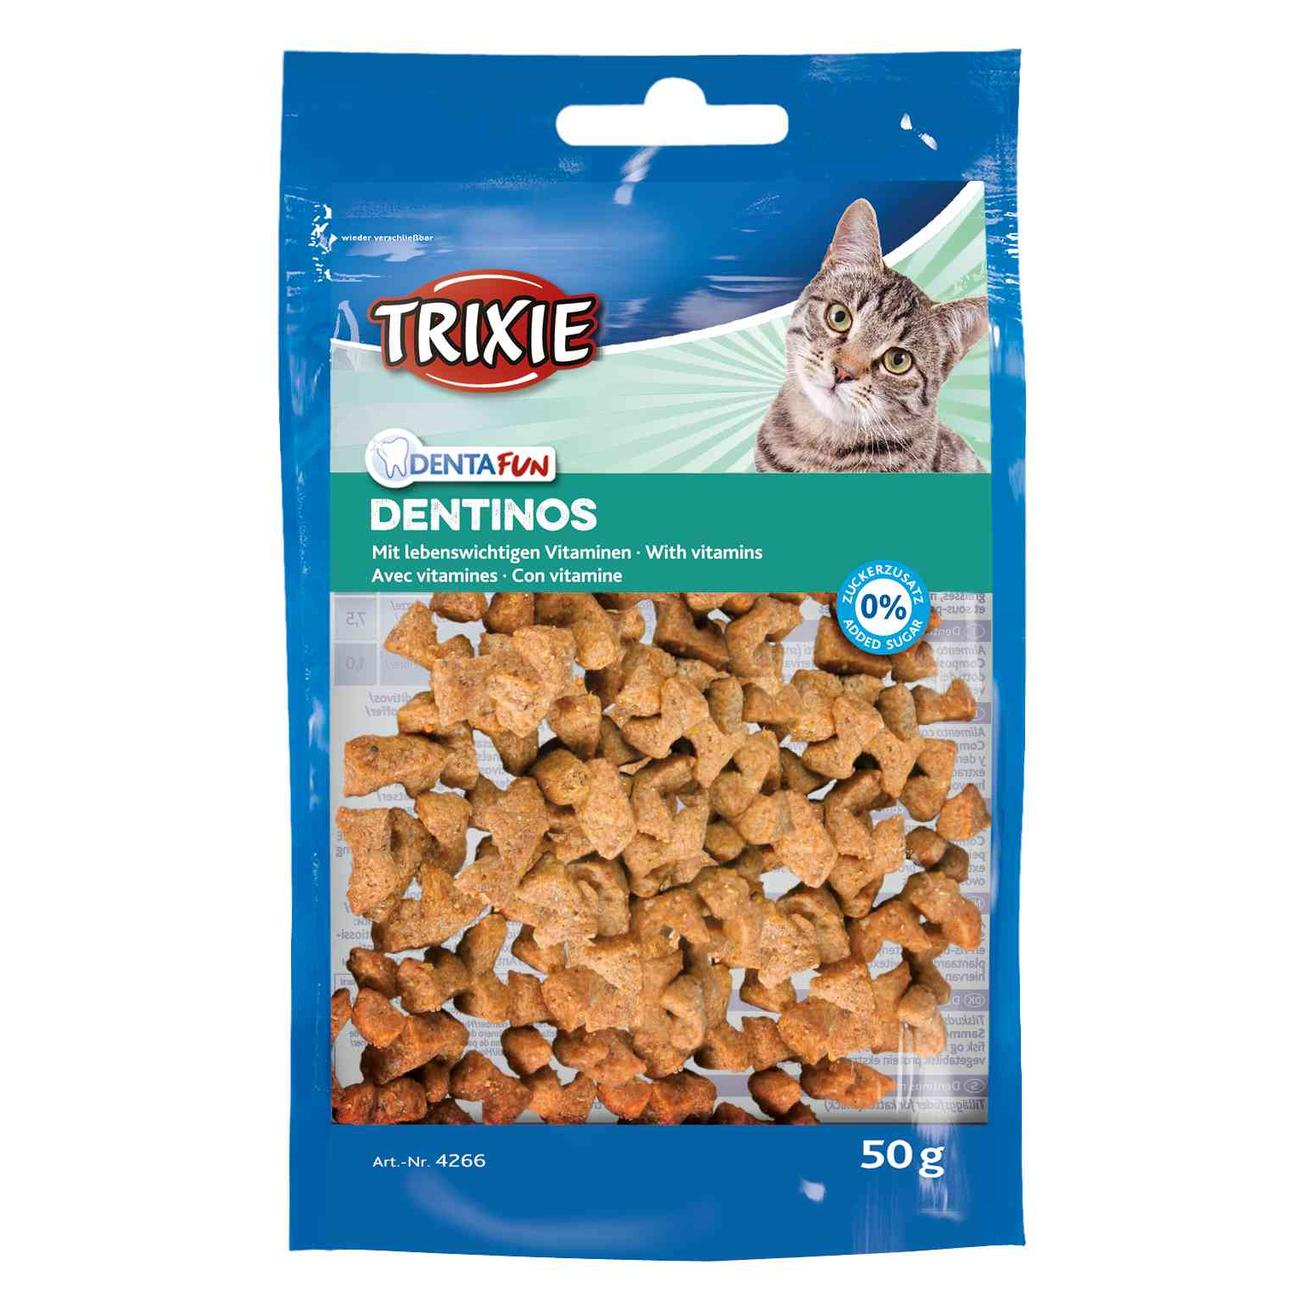 Trixie Denta Fun Dentinos Zahnpflege Leckerlies für Katzen 4266